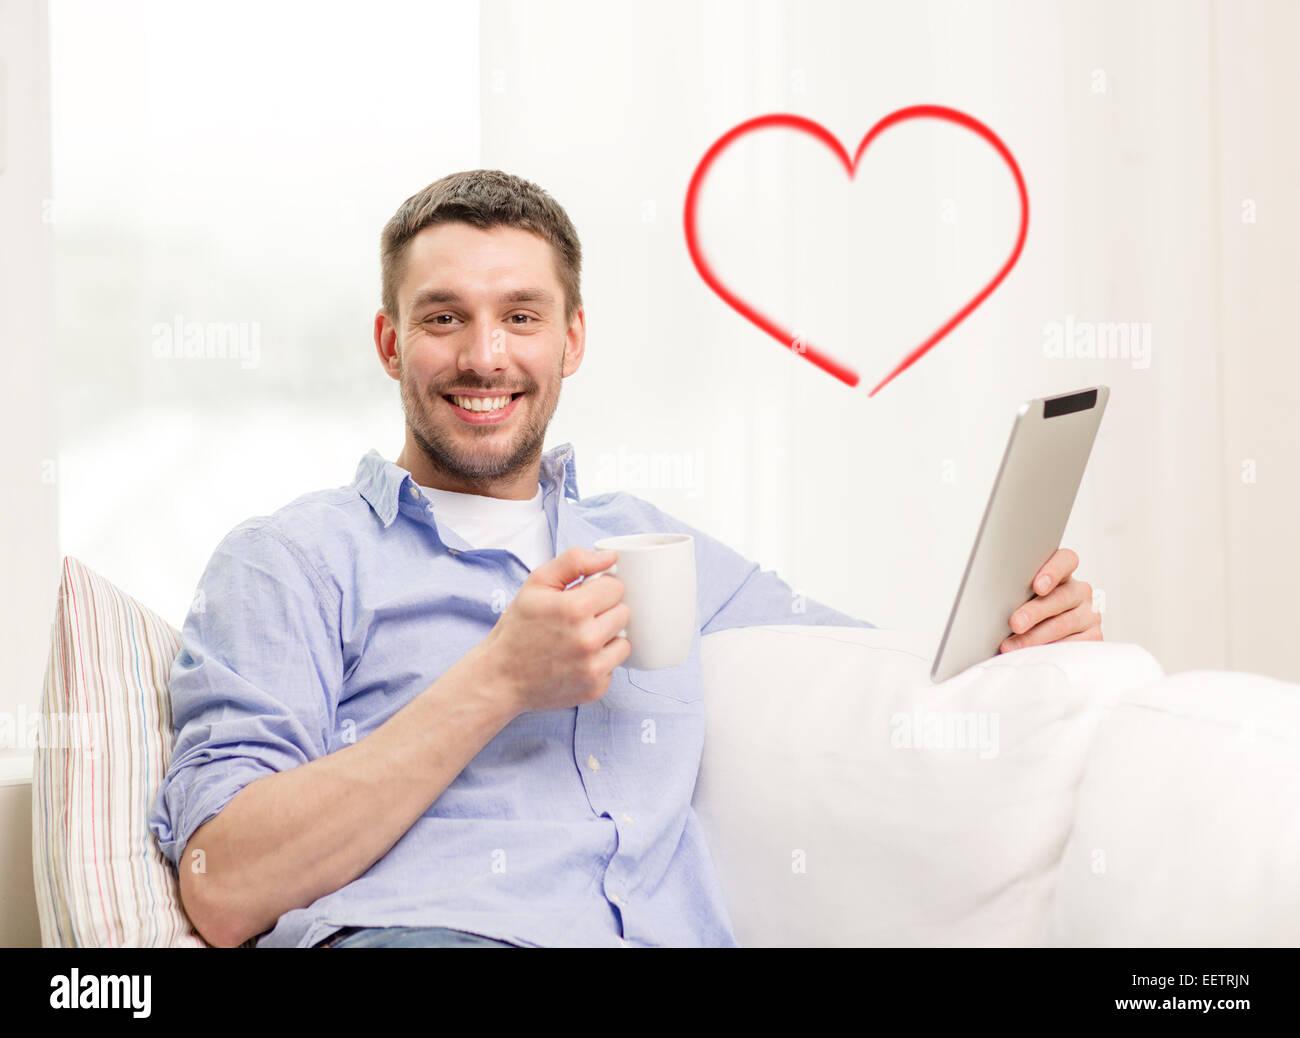 lächelnder Mann mit Tablet pc zu Hause arbeiten Stockfoto